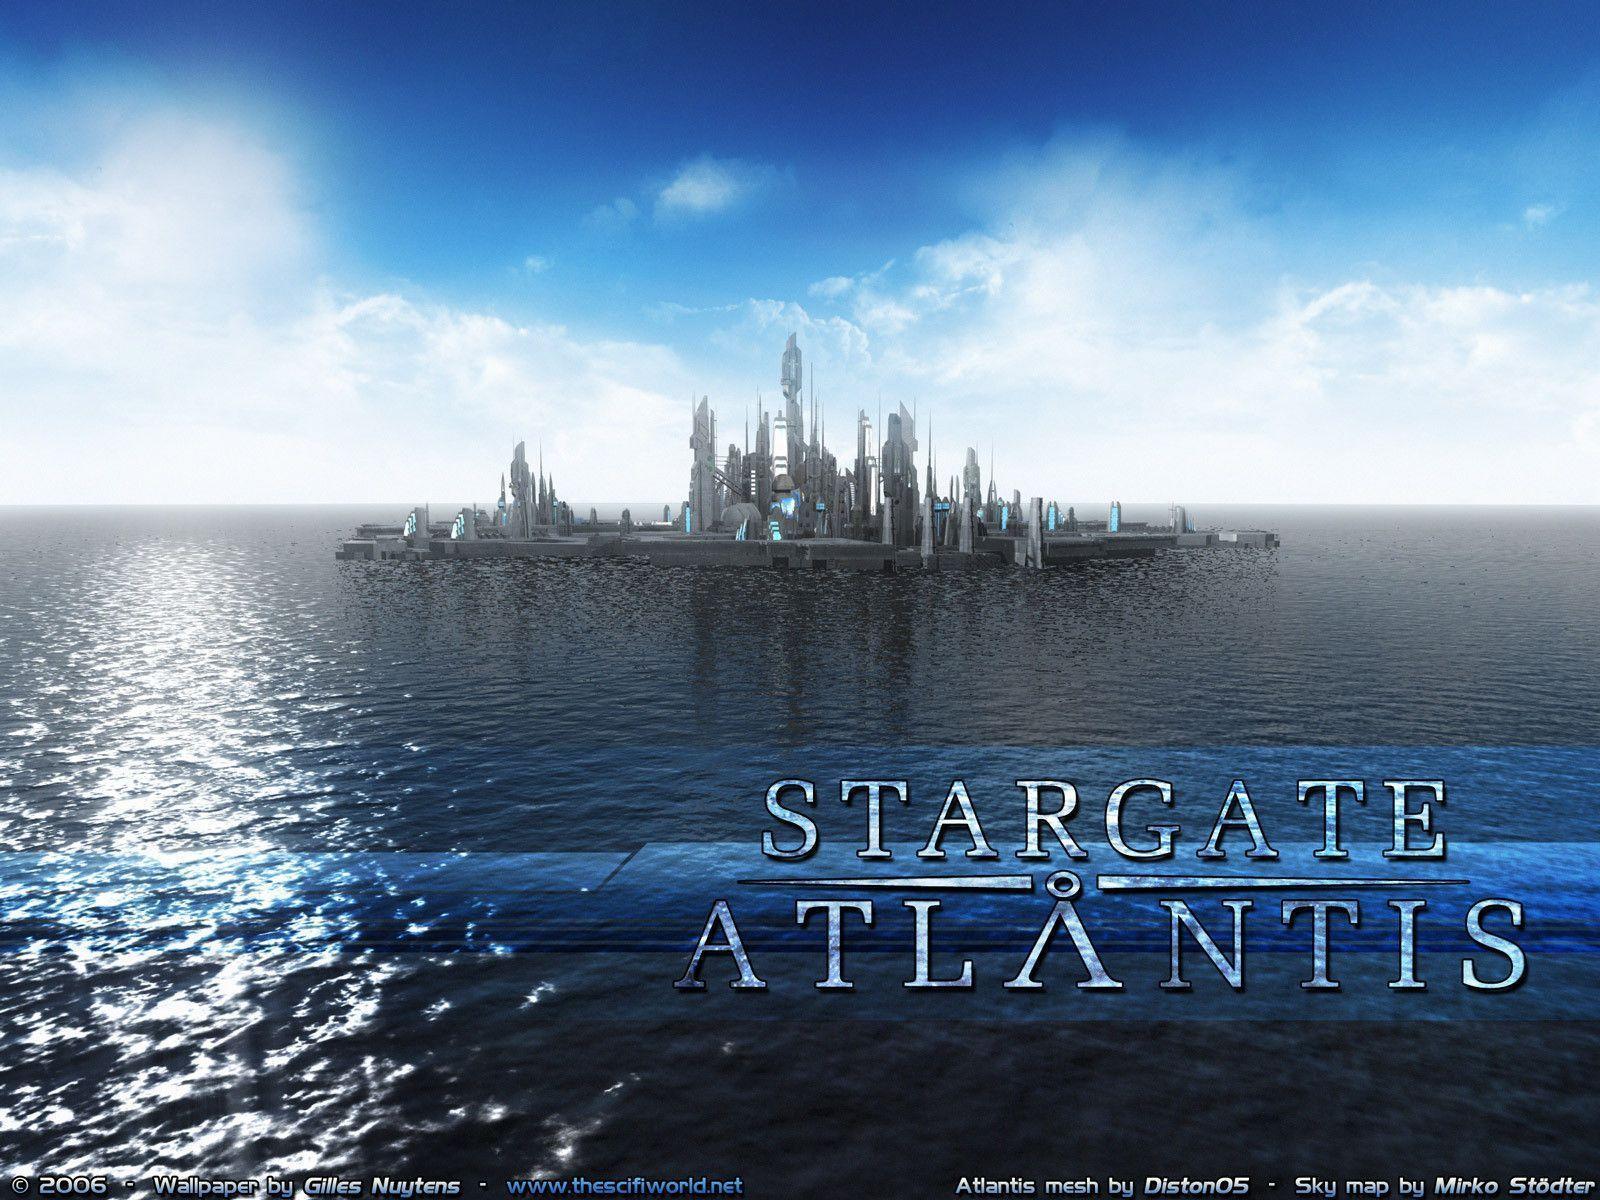 Stargate Atlantis Wallpaper